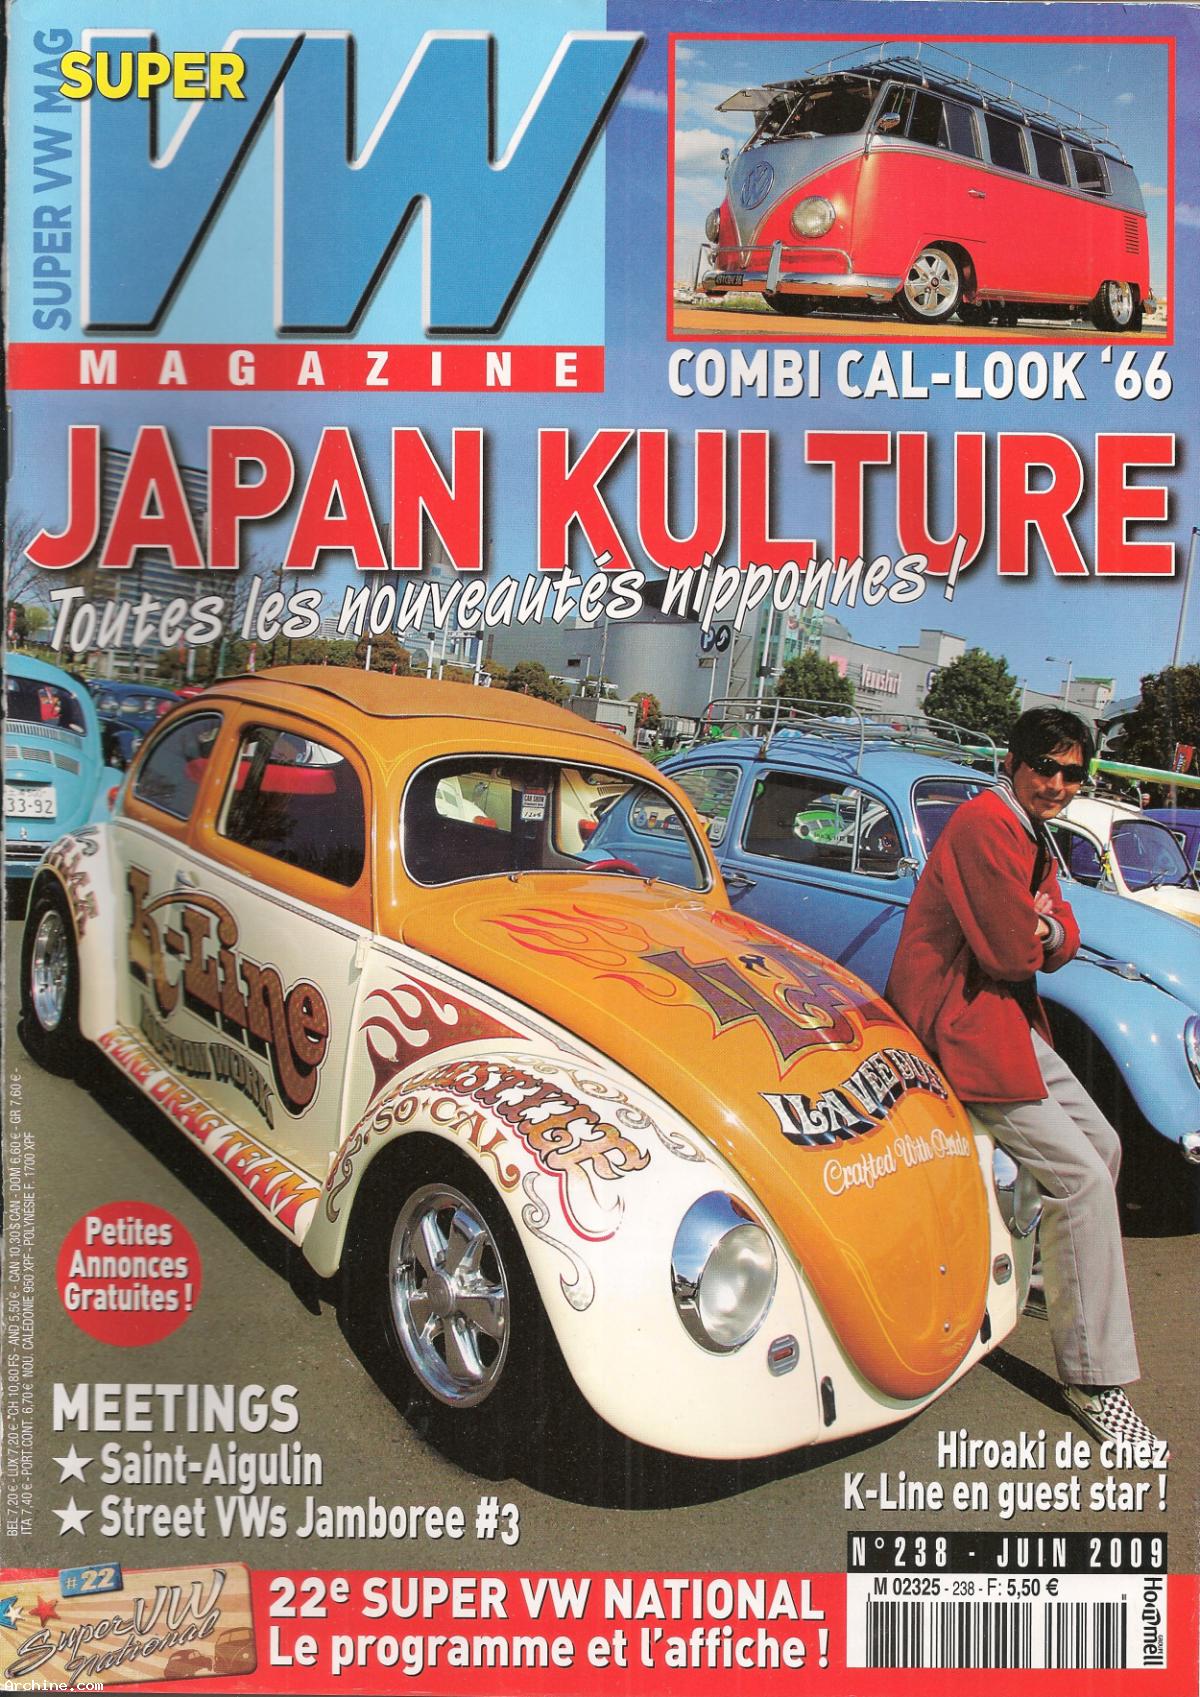 super vw magazine mensuel n 238 japan kulture avec poster juin 2009 archine. Black Bedroom Furniture Sets. Home Design Ideas